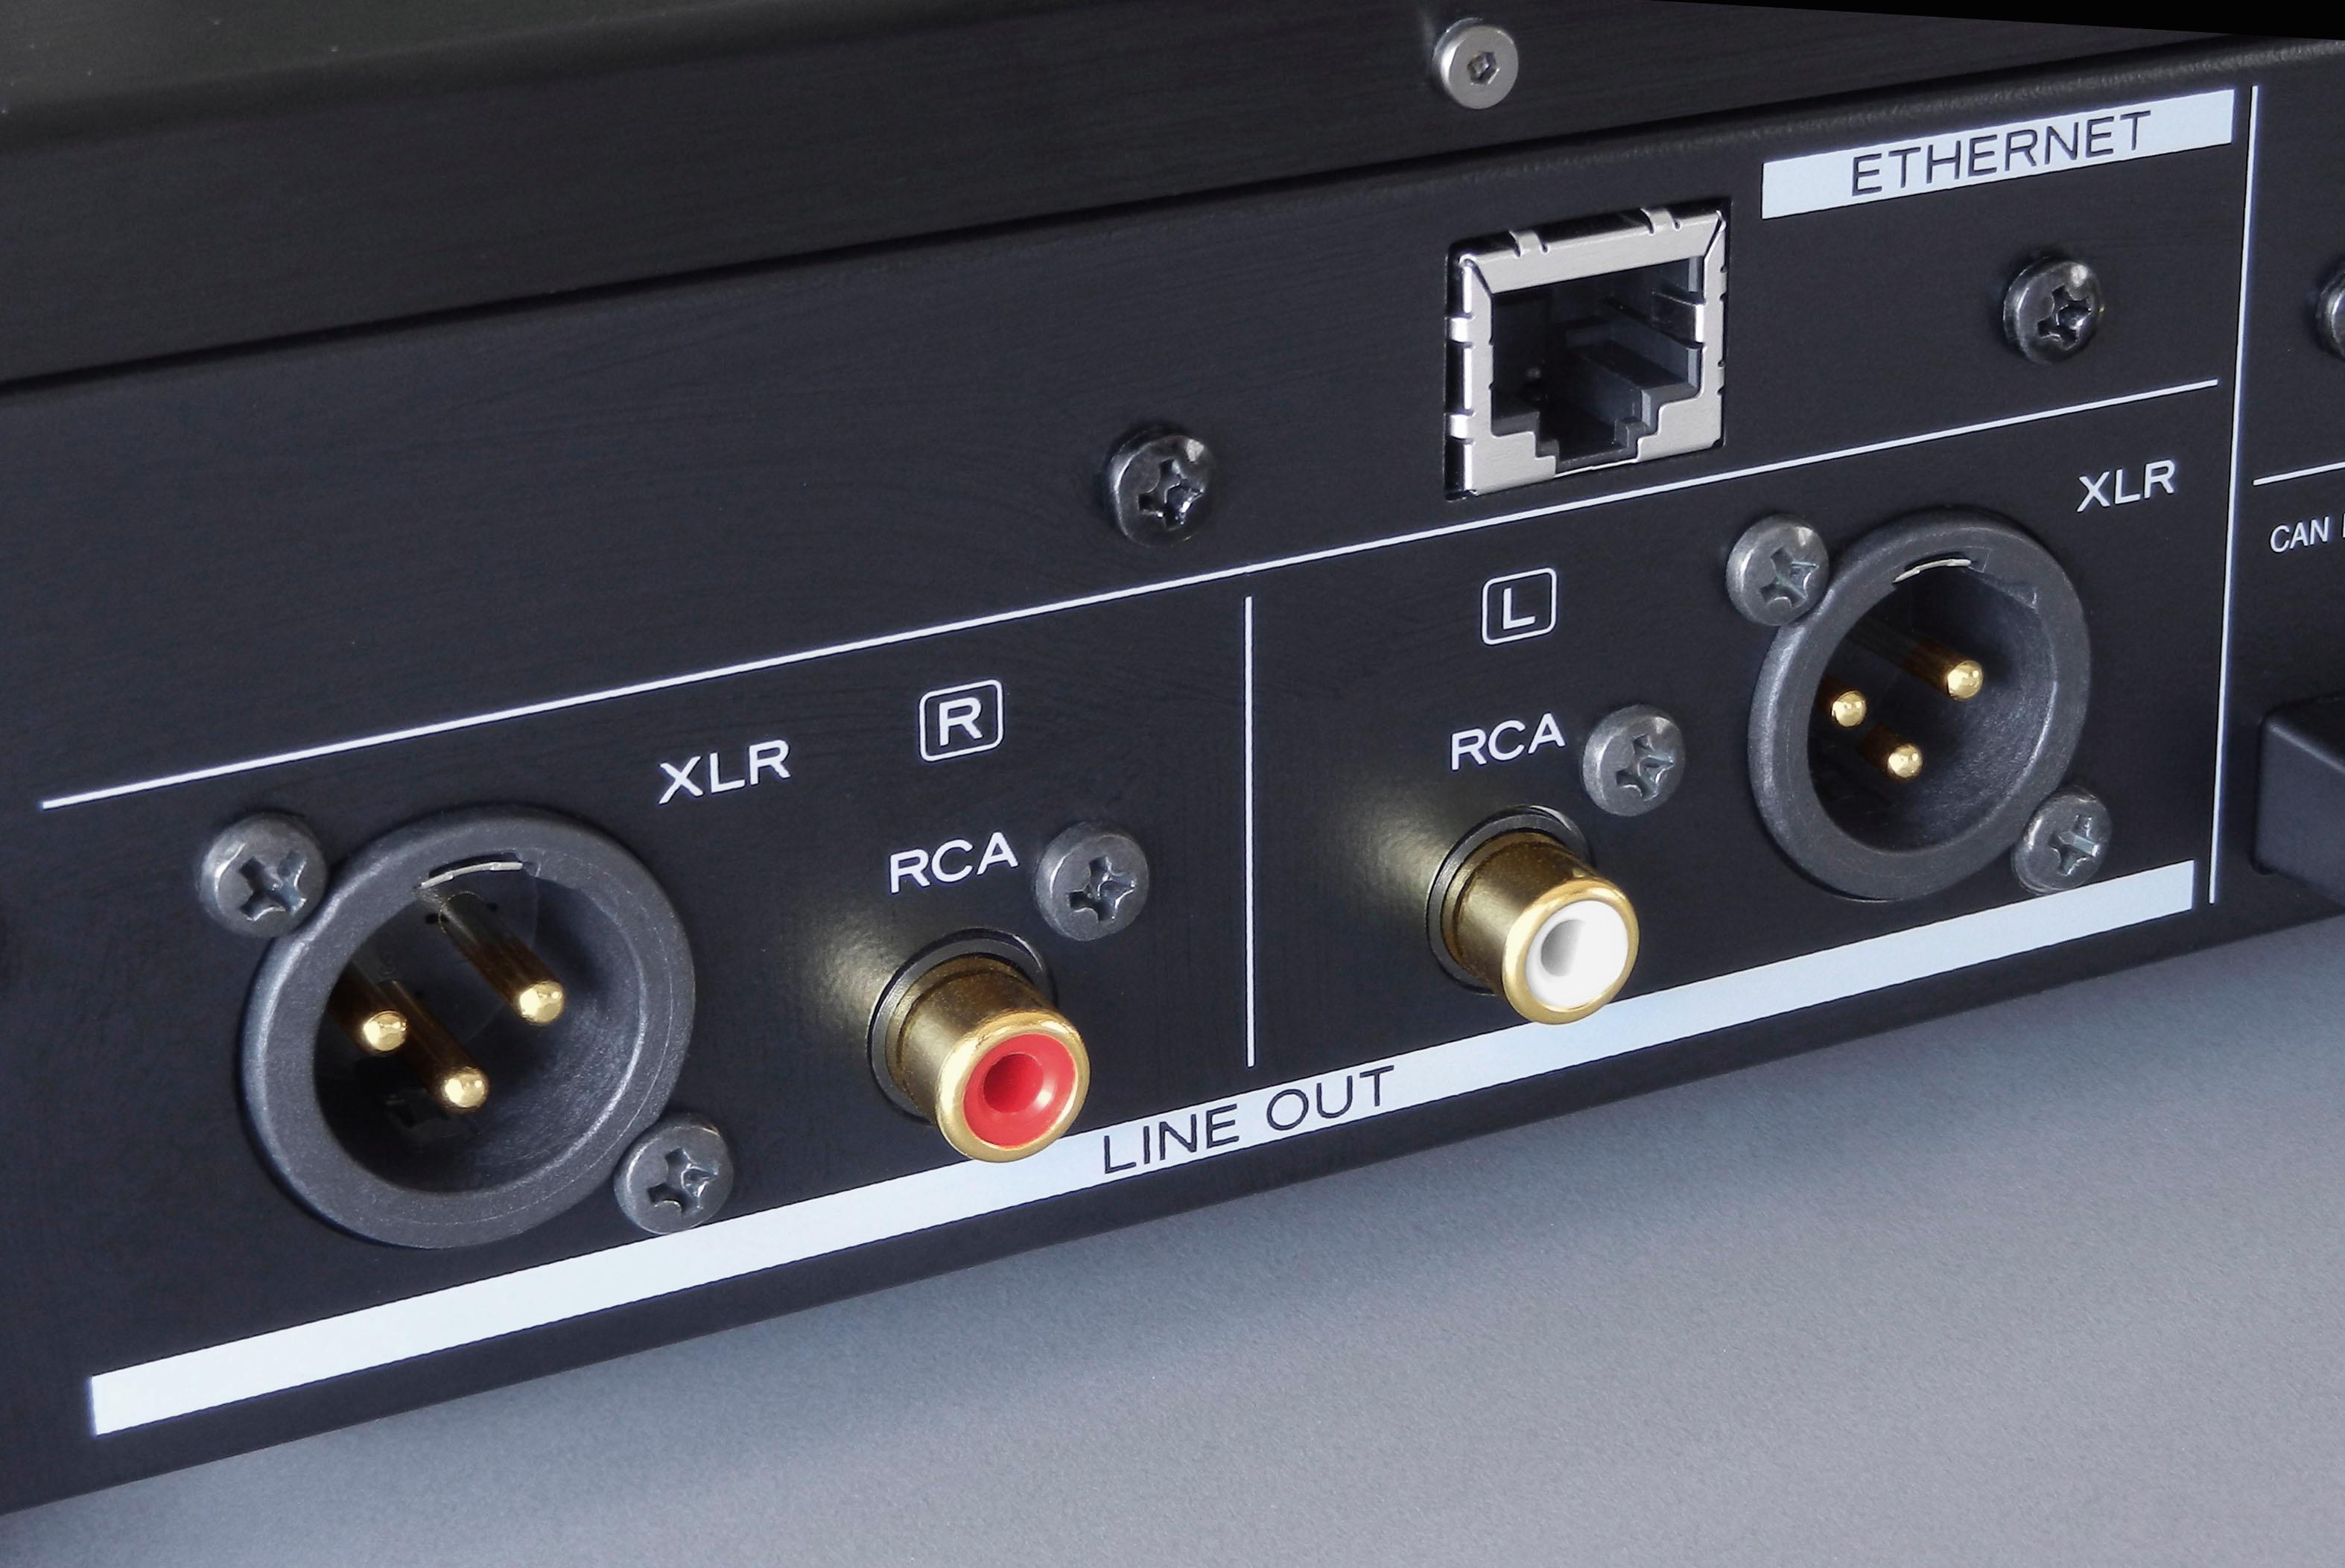 NT-503_XLR_LAN_N9999x9999.png